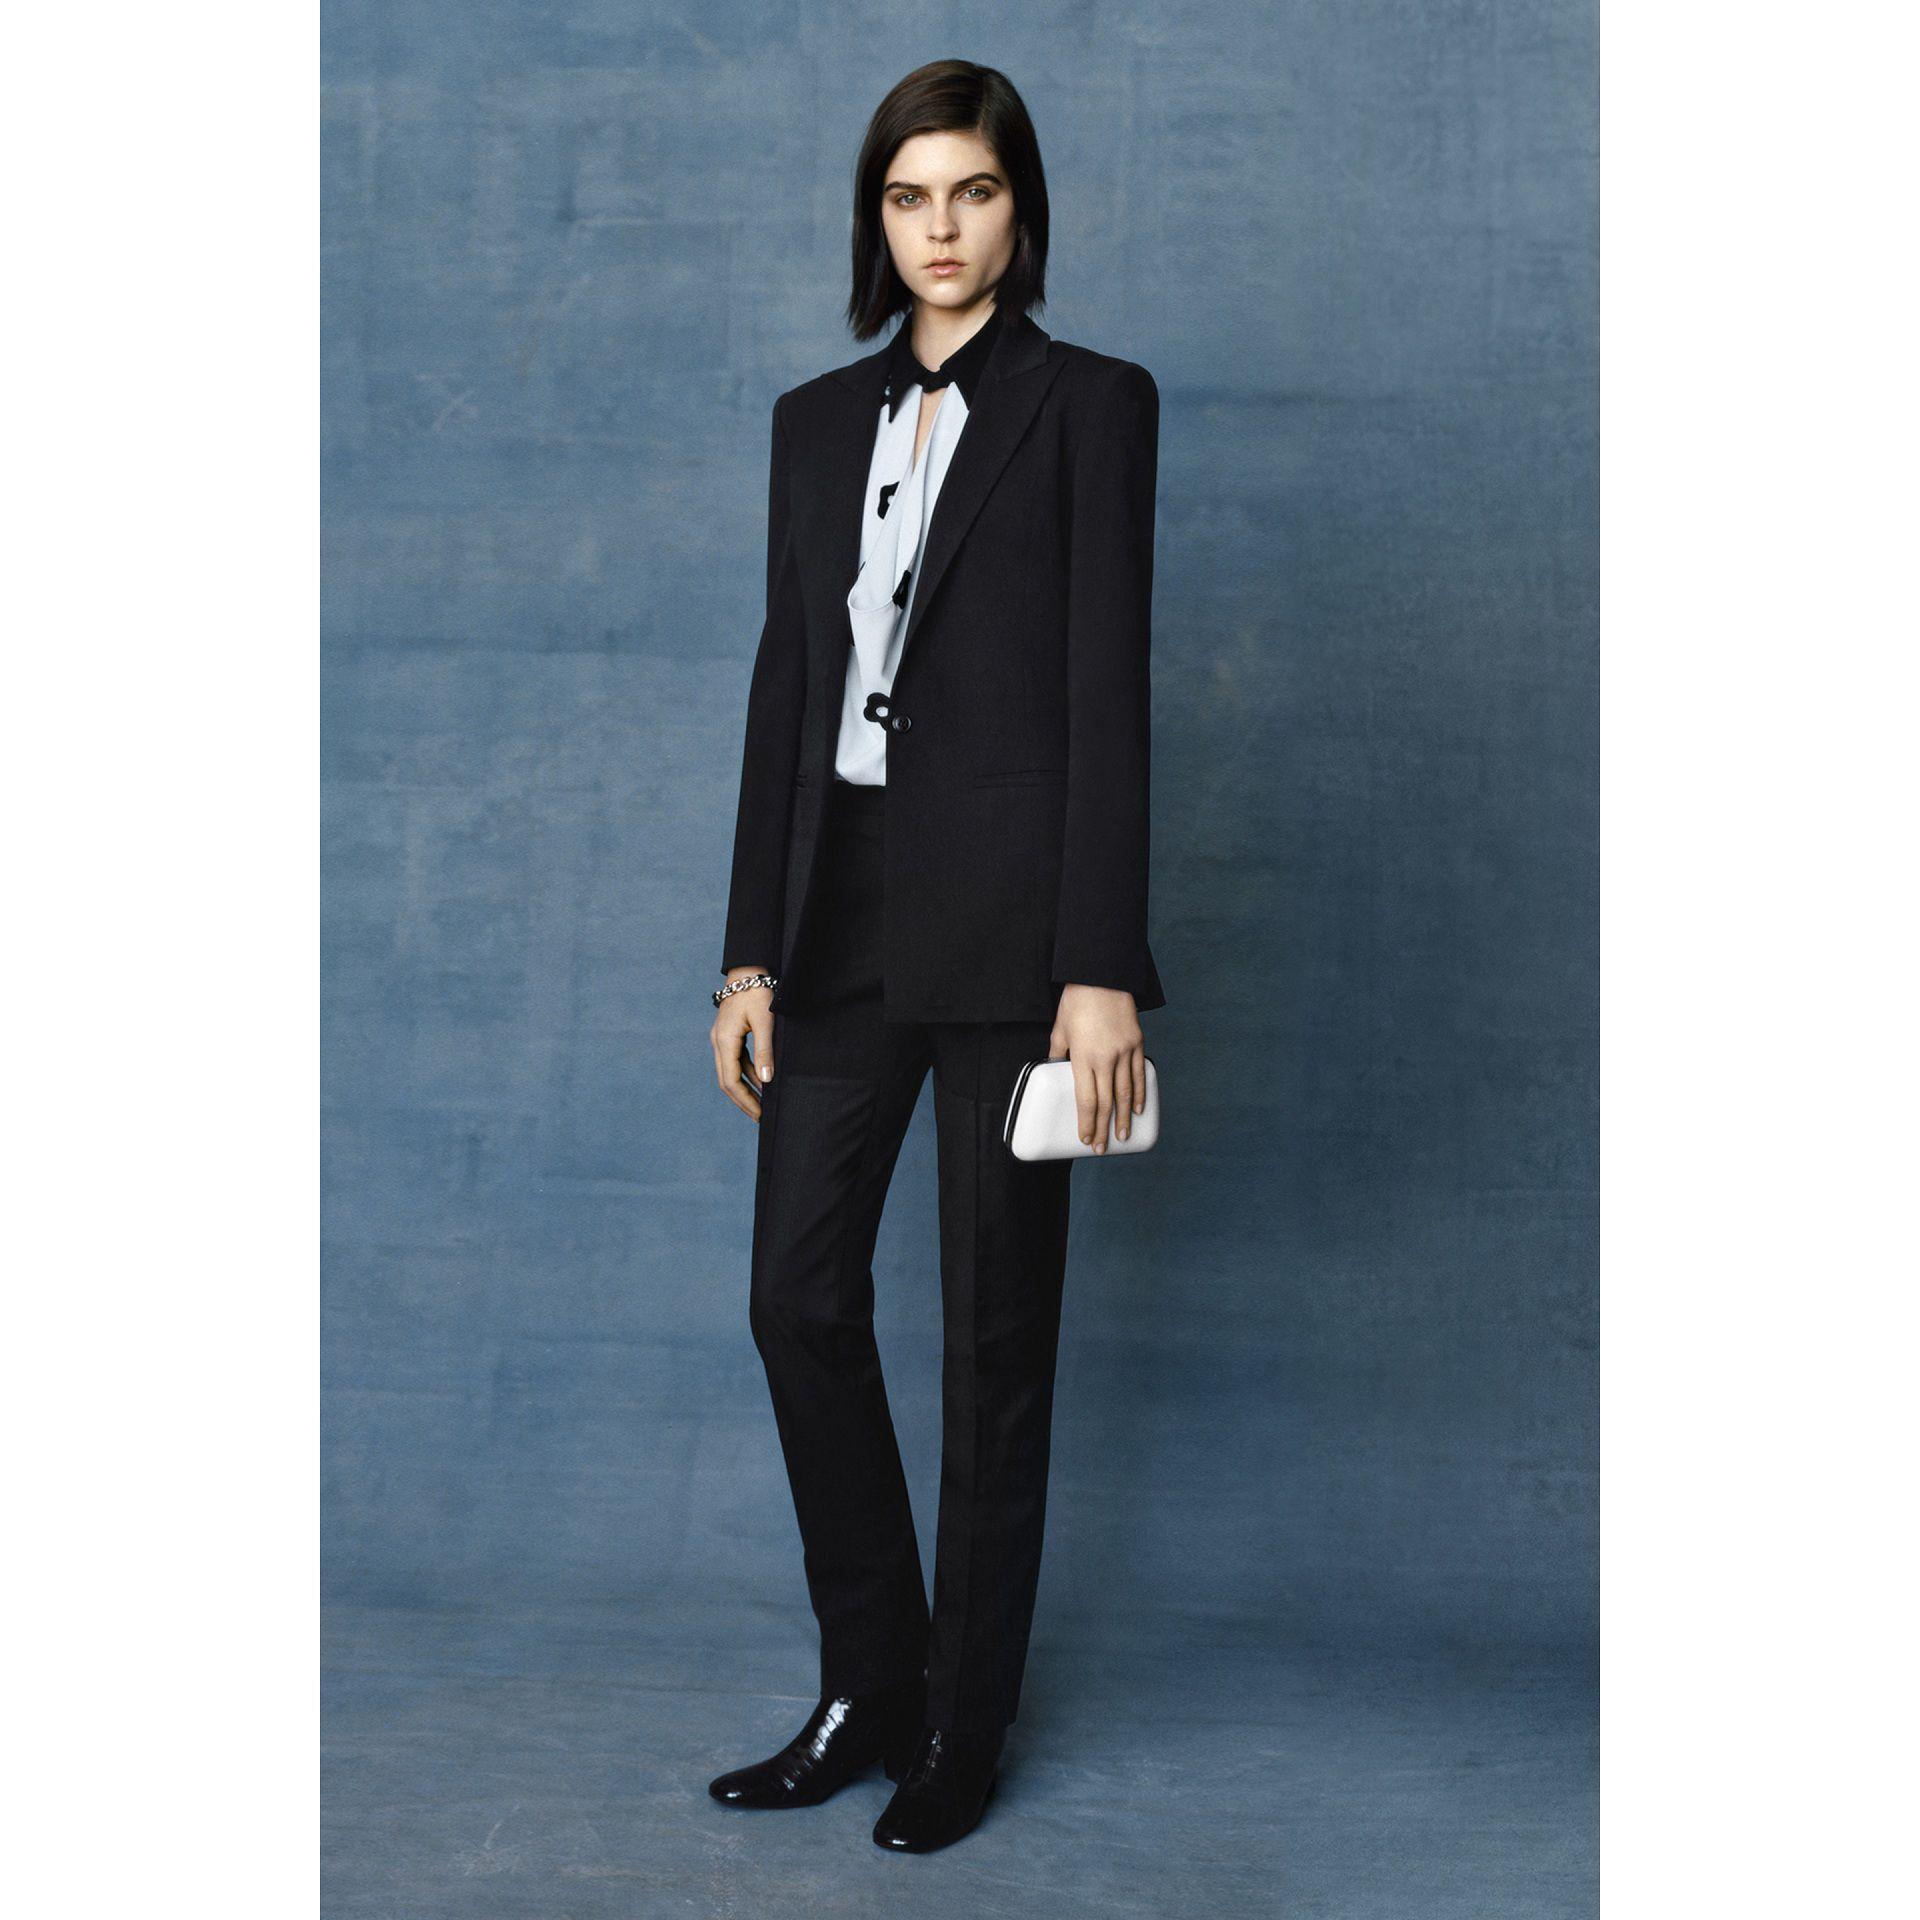 Balenciaga pantalon avec empiècements balenciaga